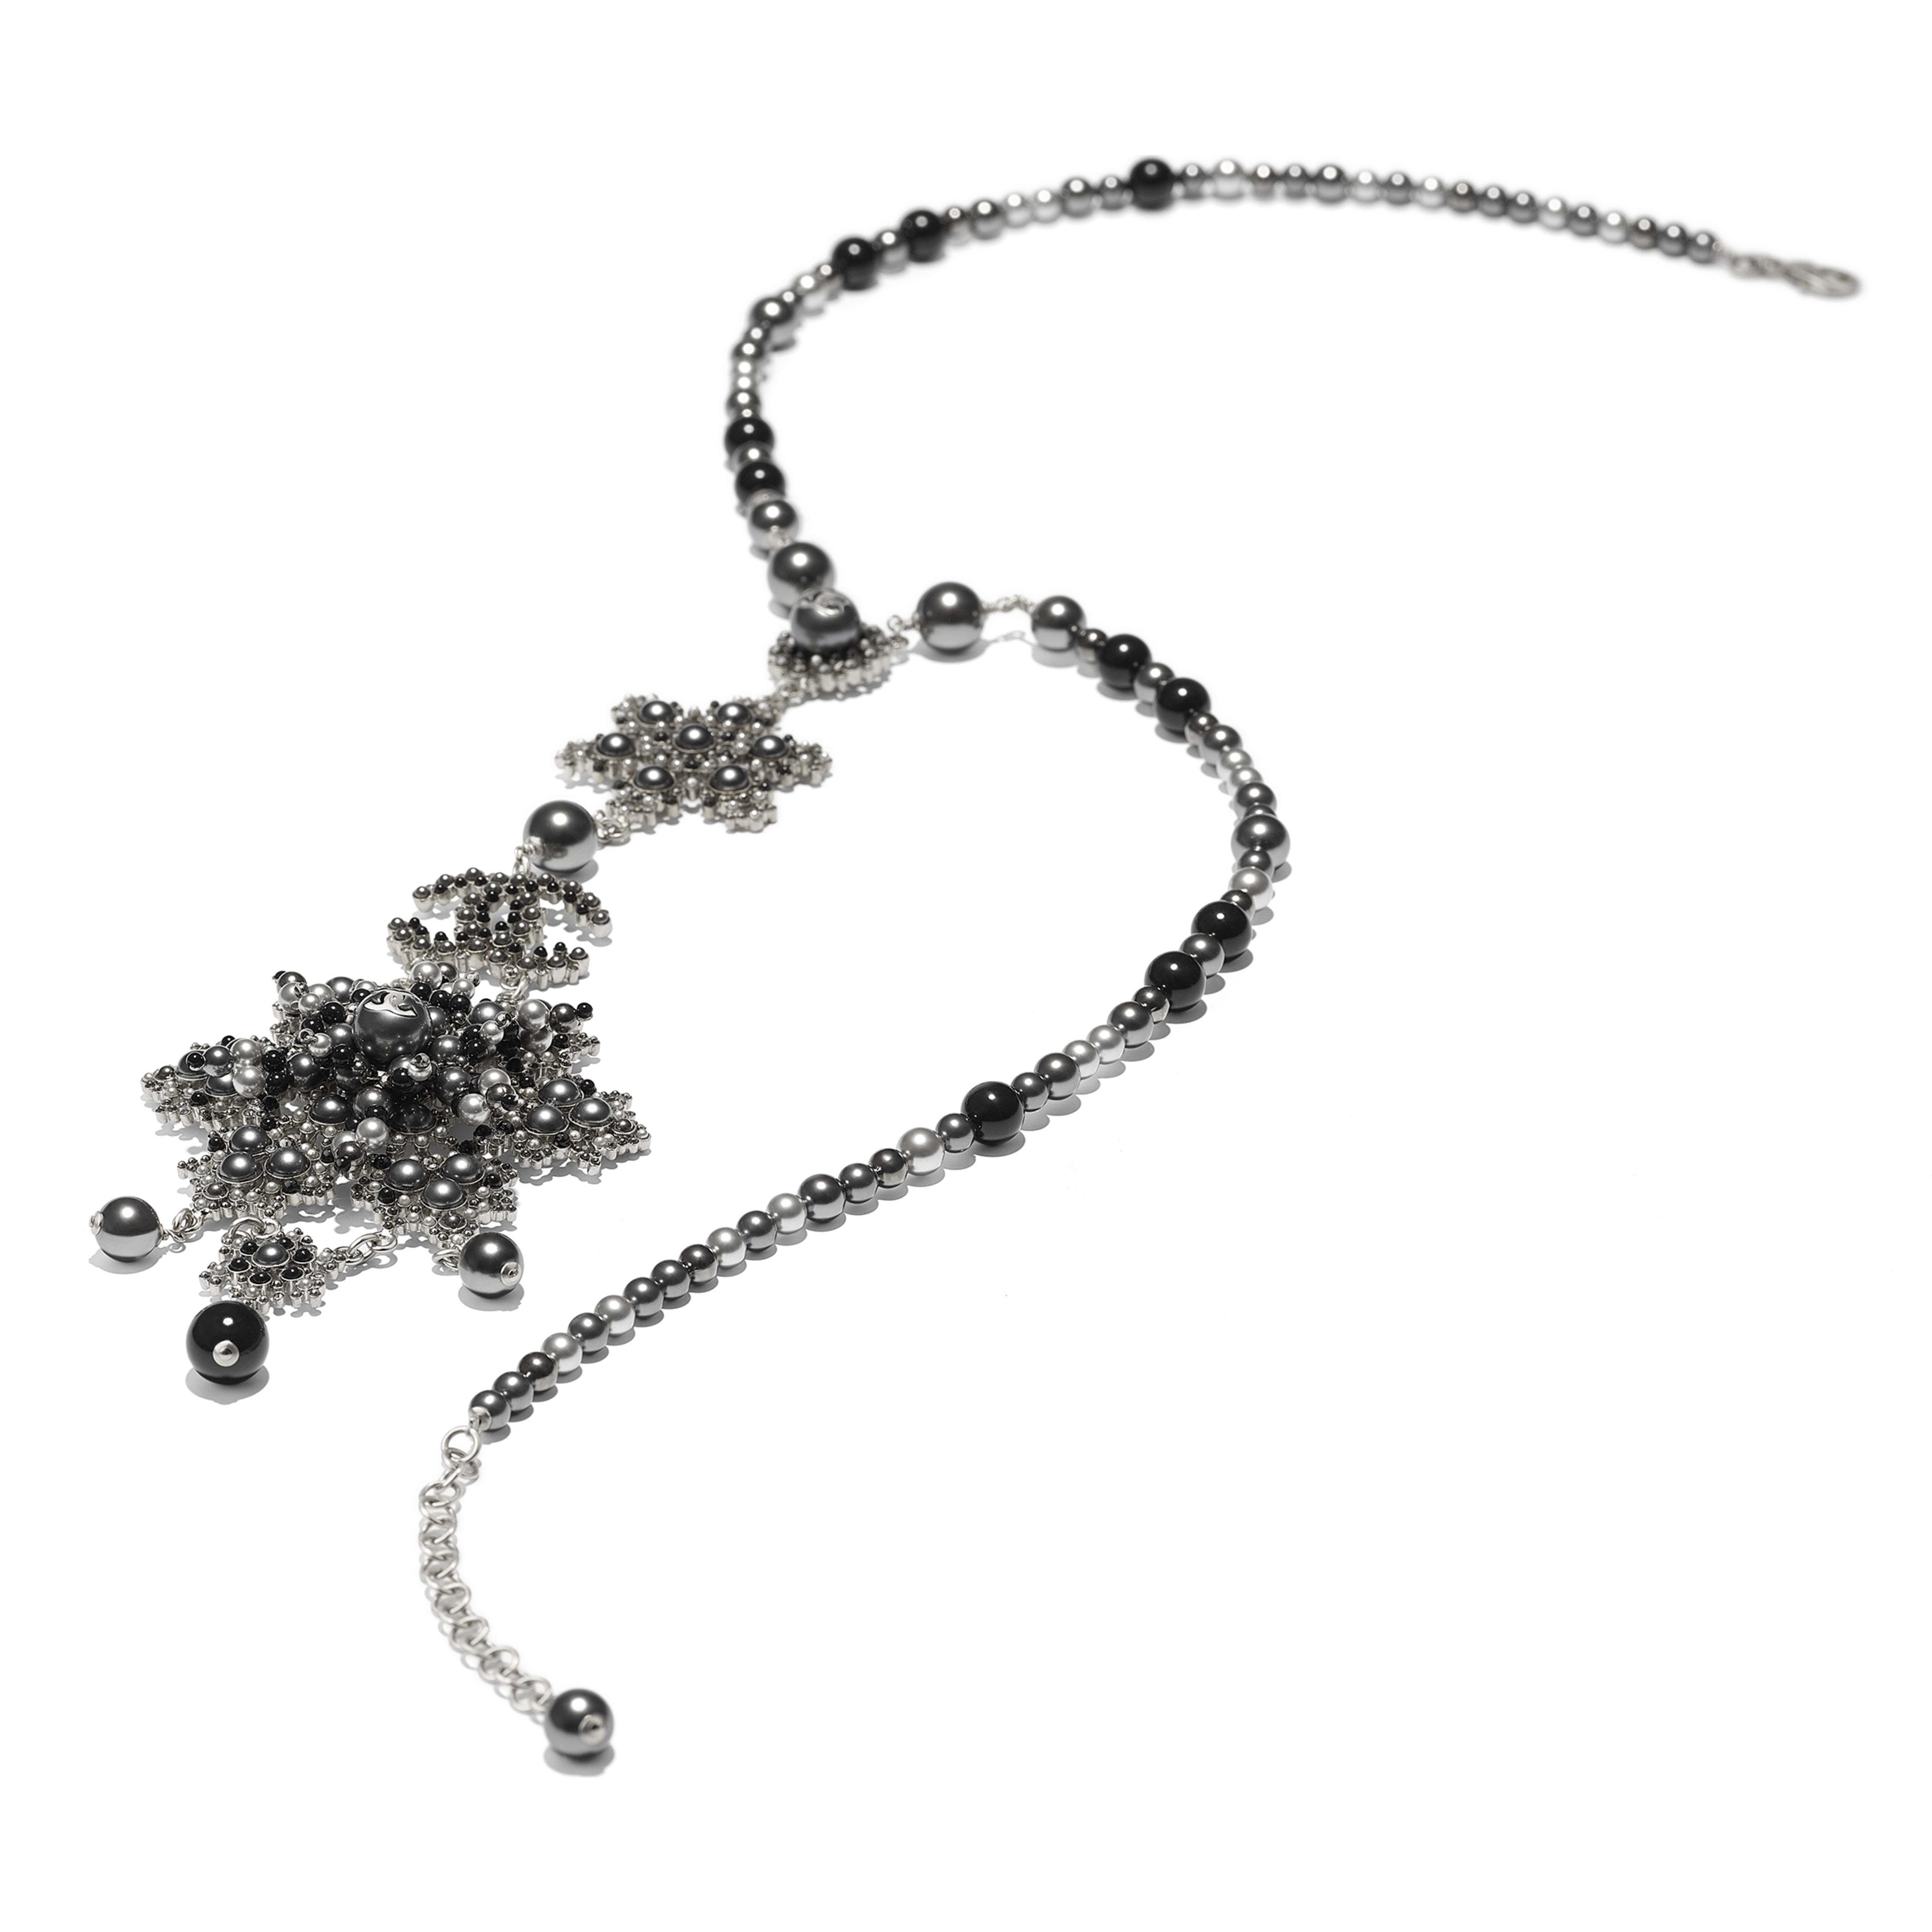 Колье - Серебристый, черный и серый - Металл, жемчуг и стразы - Альтернативный вид - посмотреть полноразмерное изображение